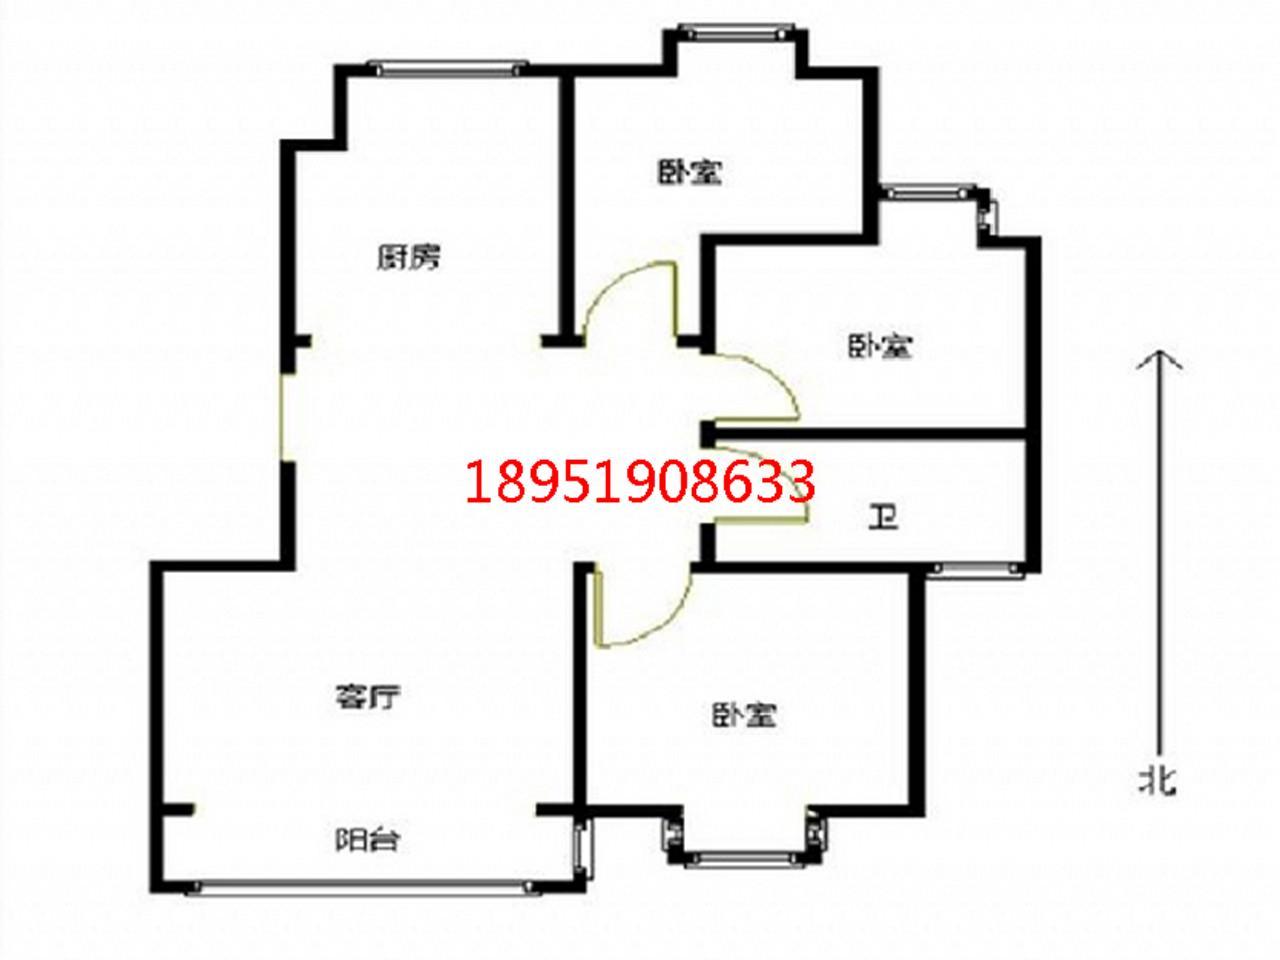 江宁区将军大道托乐嘉友邻居3室1厅户型图